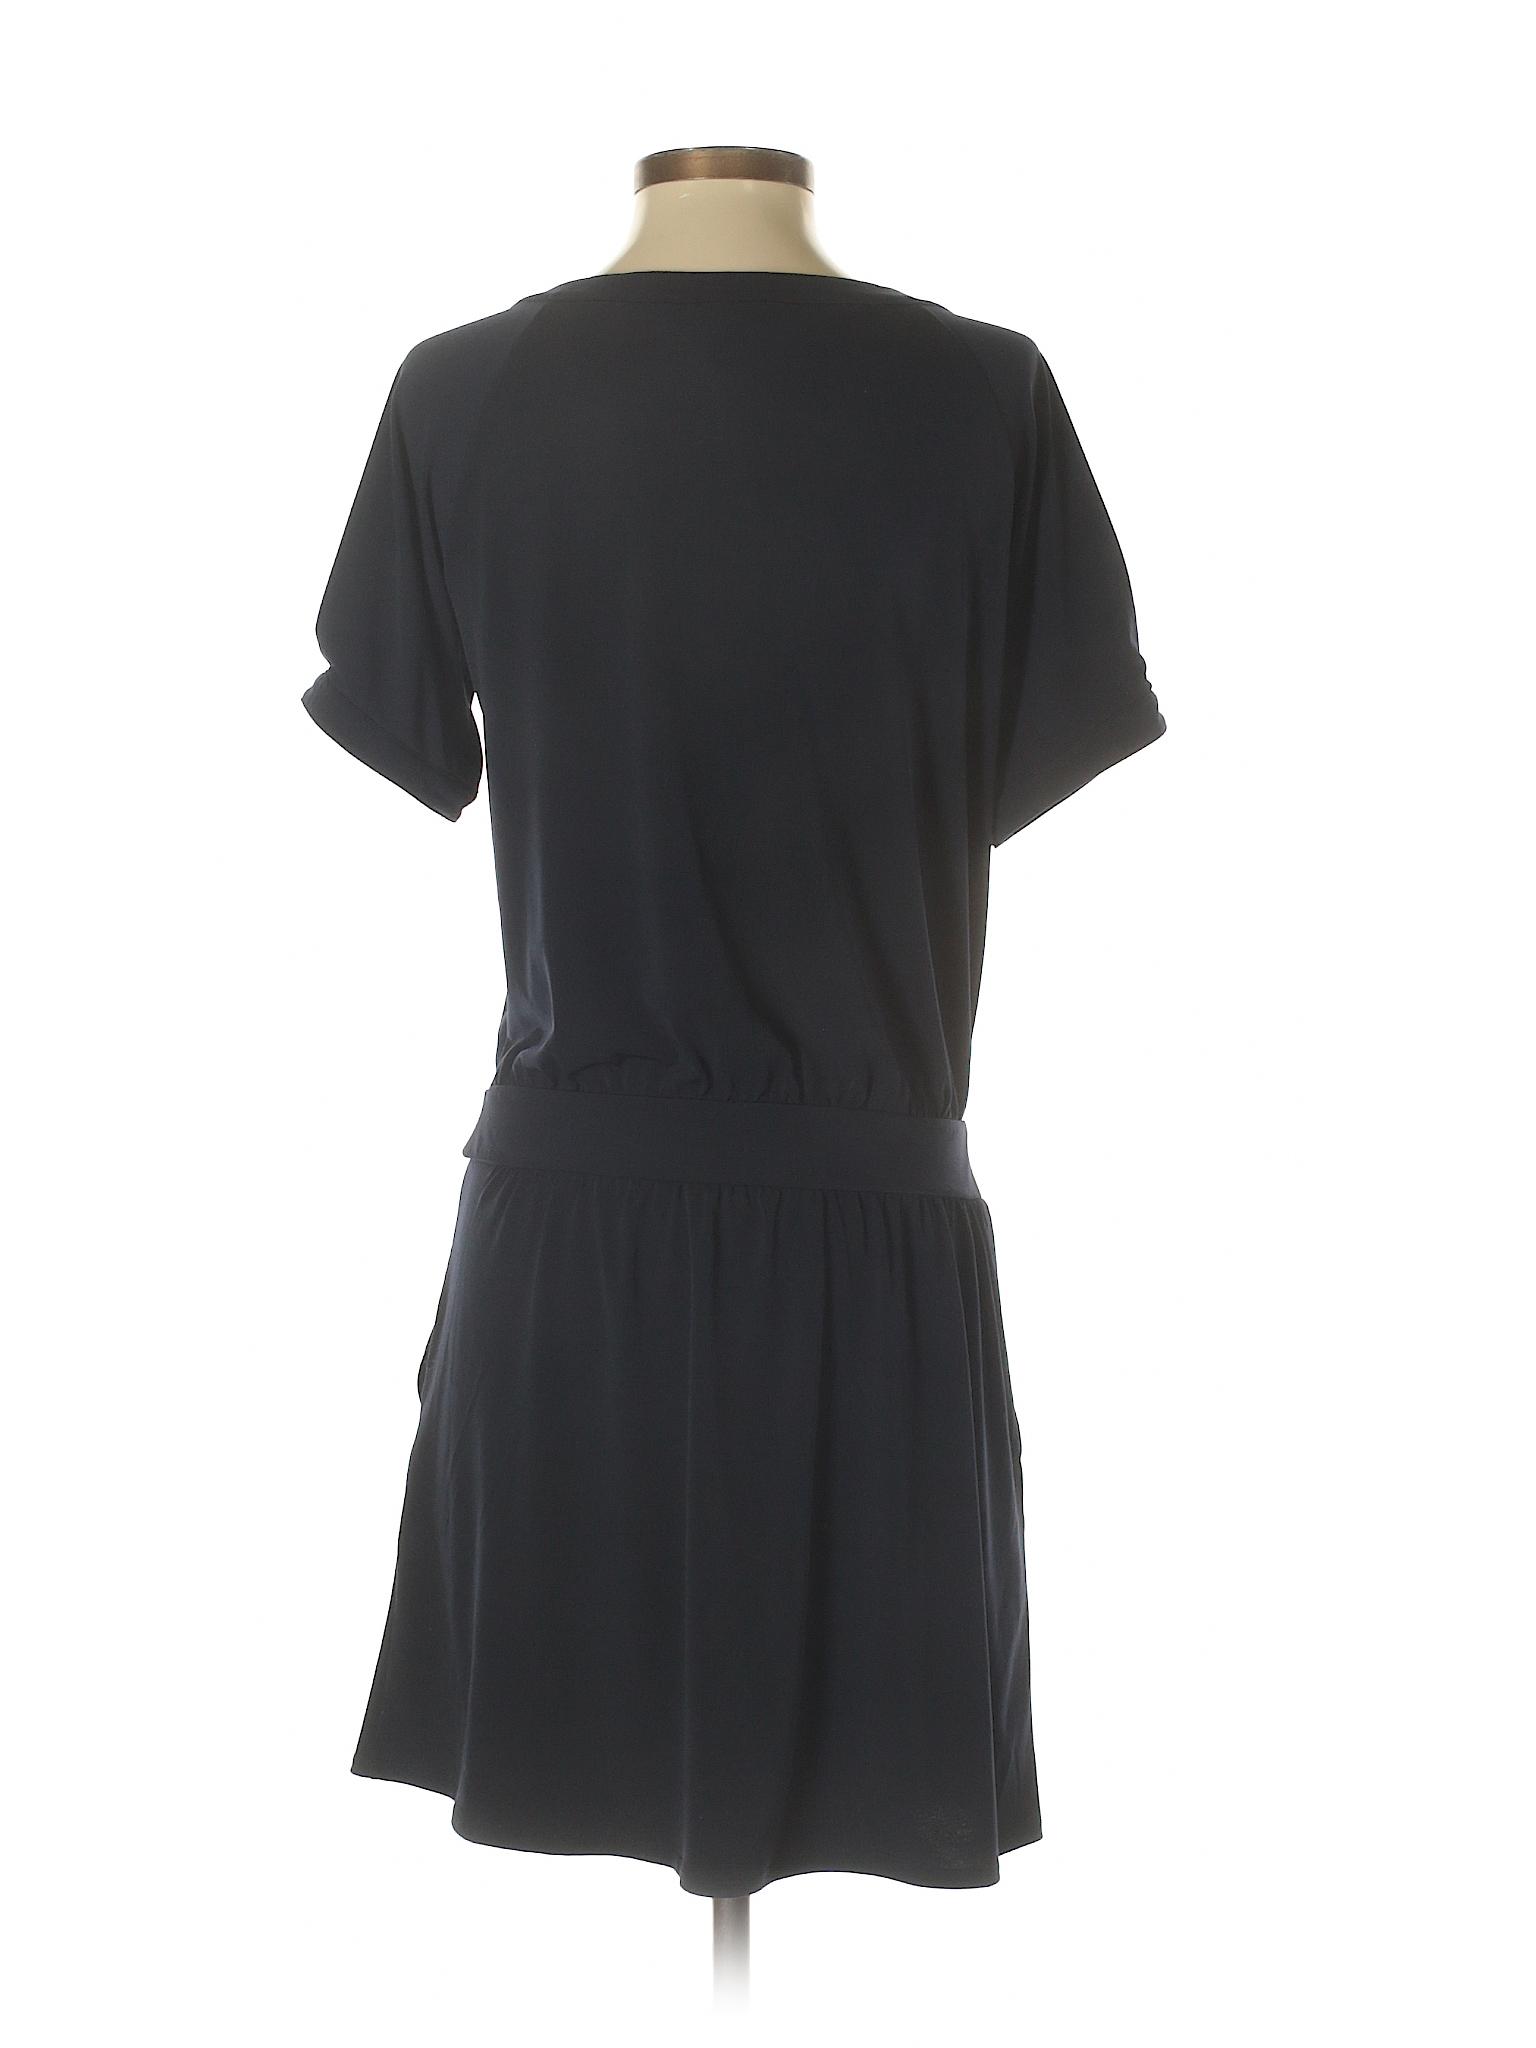 Selling Ann Dress LOFT Casual Taylor rrBTOqdPn